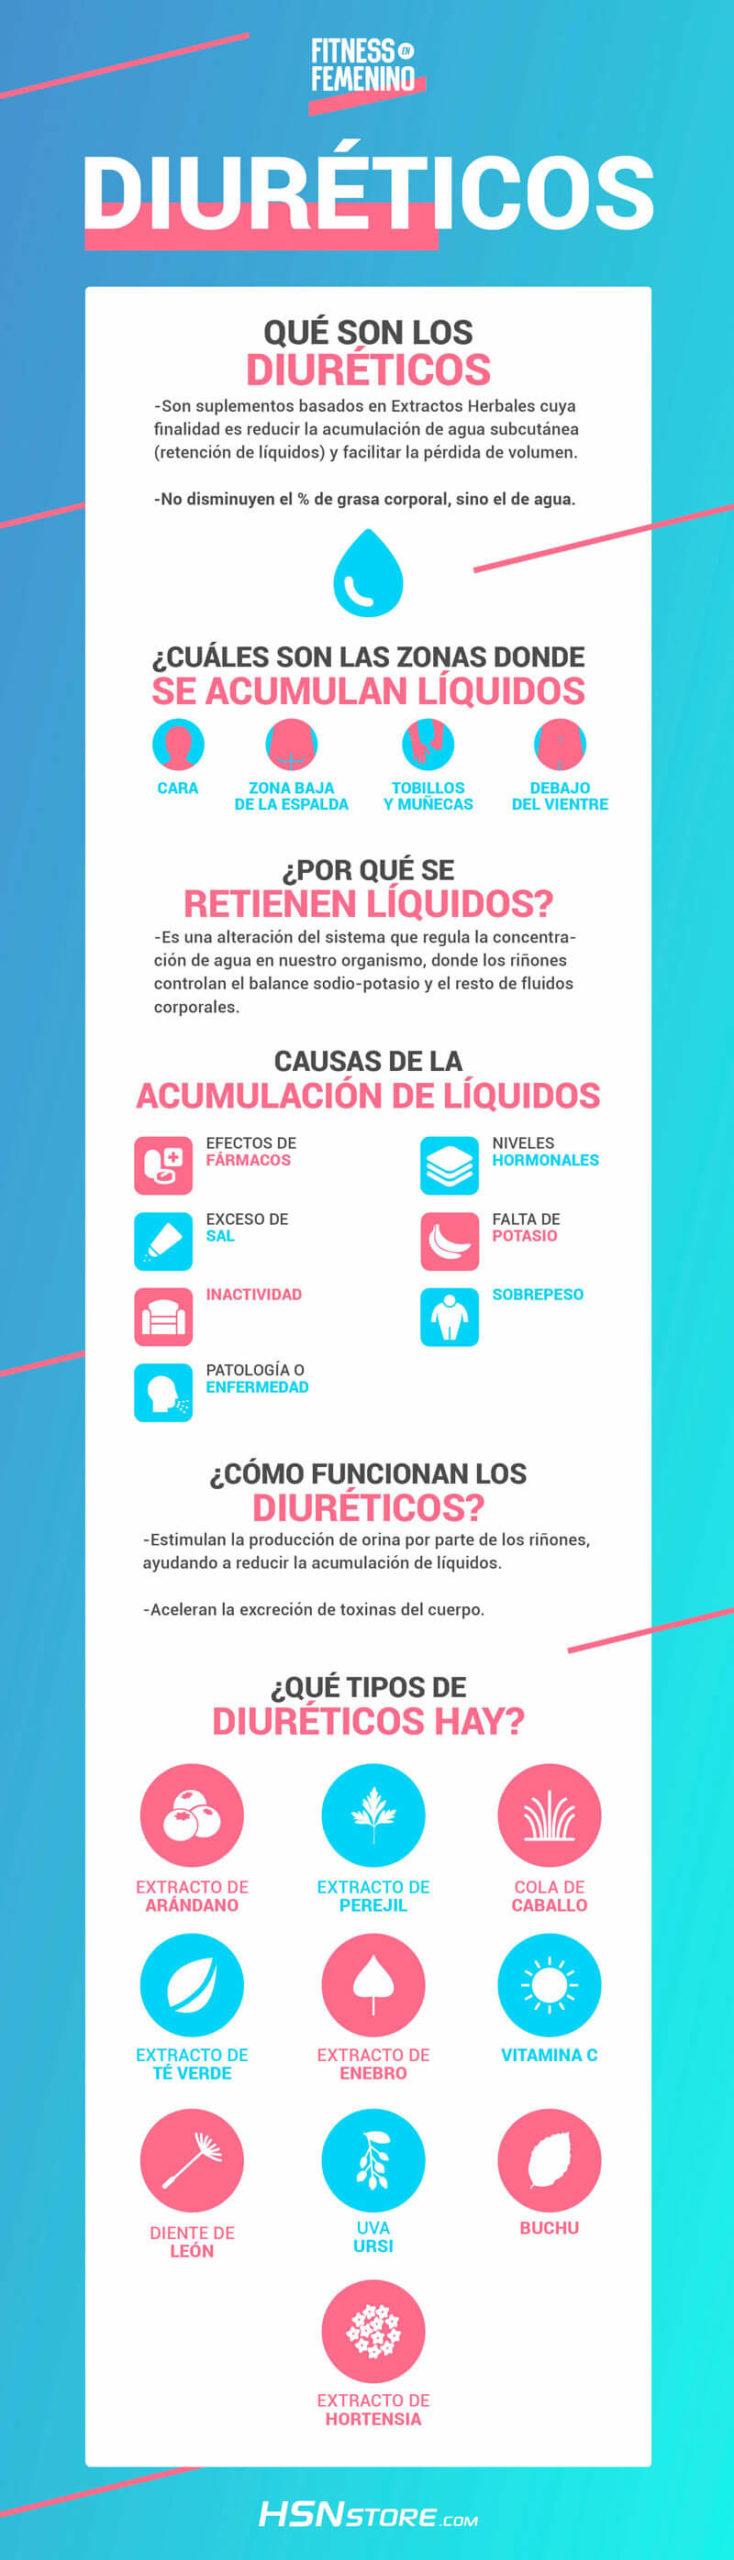 infografia-diureticos